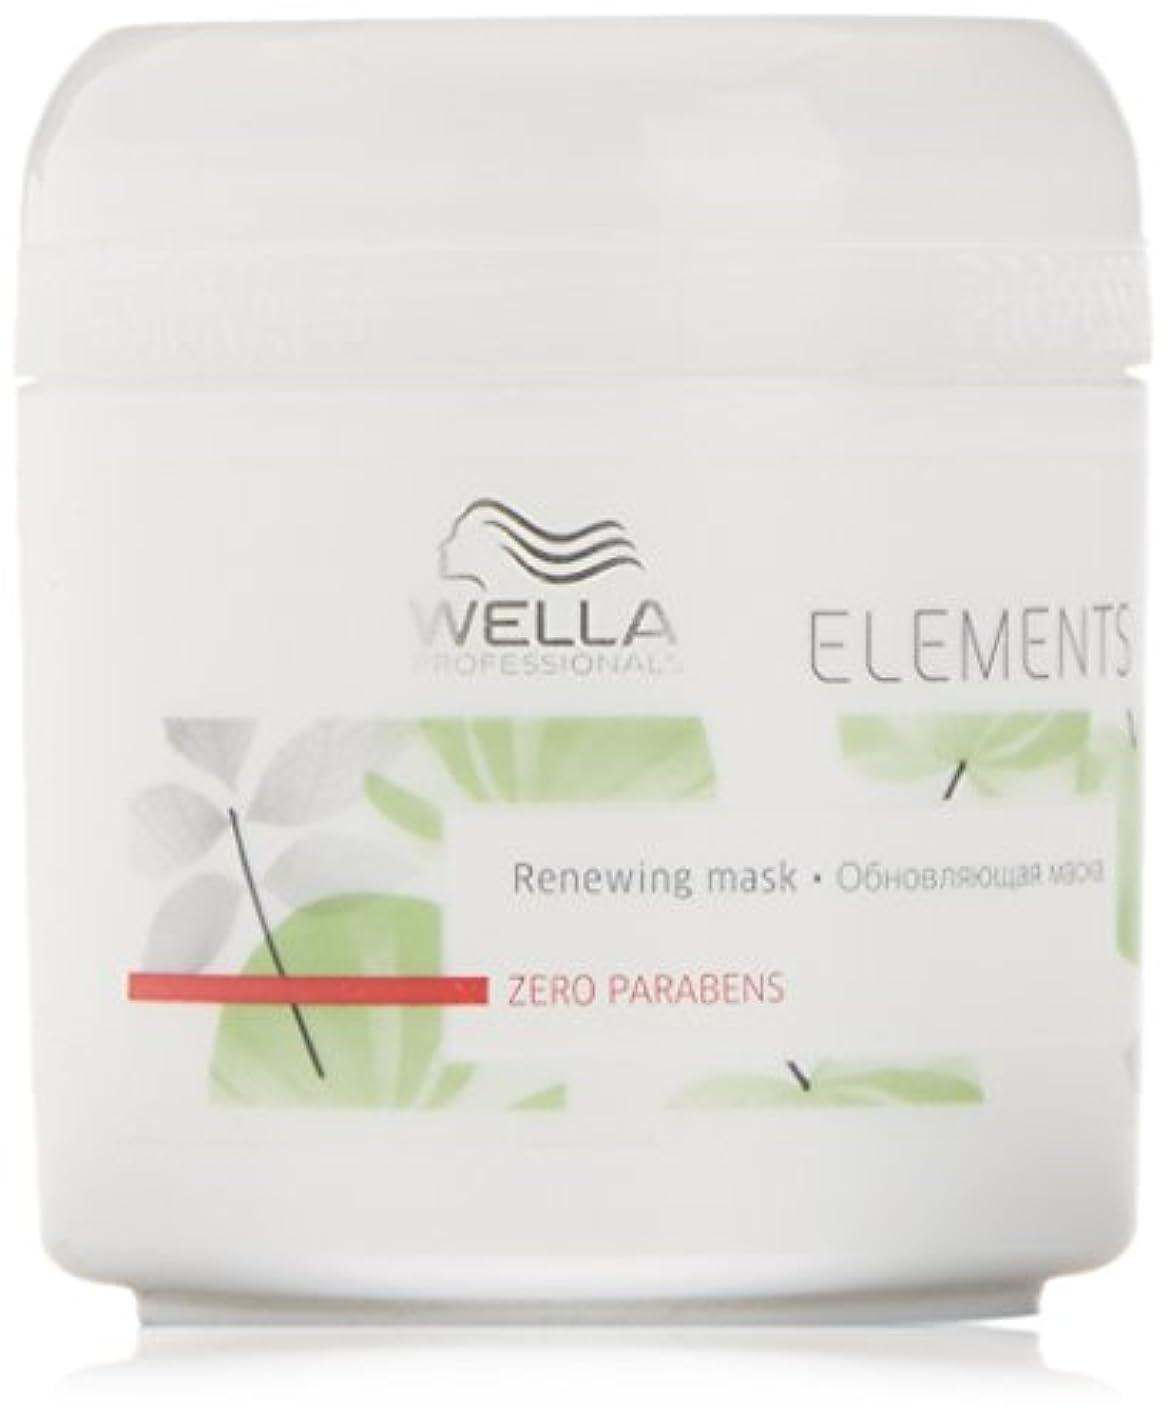 雄大な難しいチップウエラ(WELLA) エレメンツ マスク 150ml